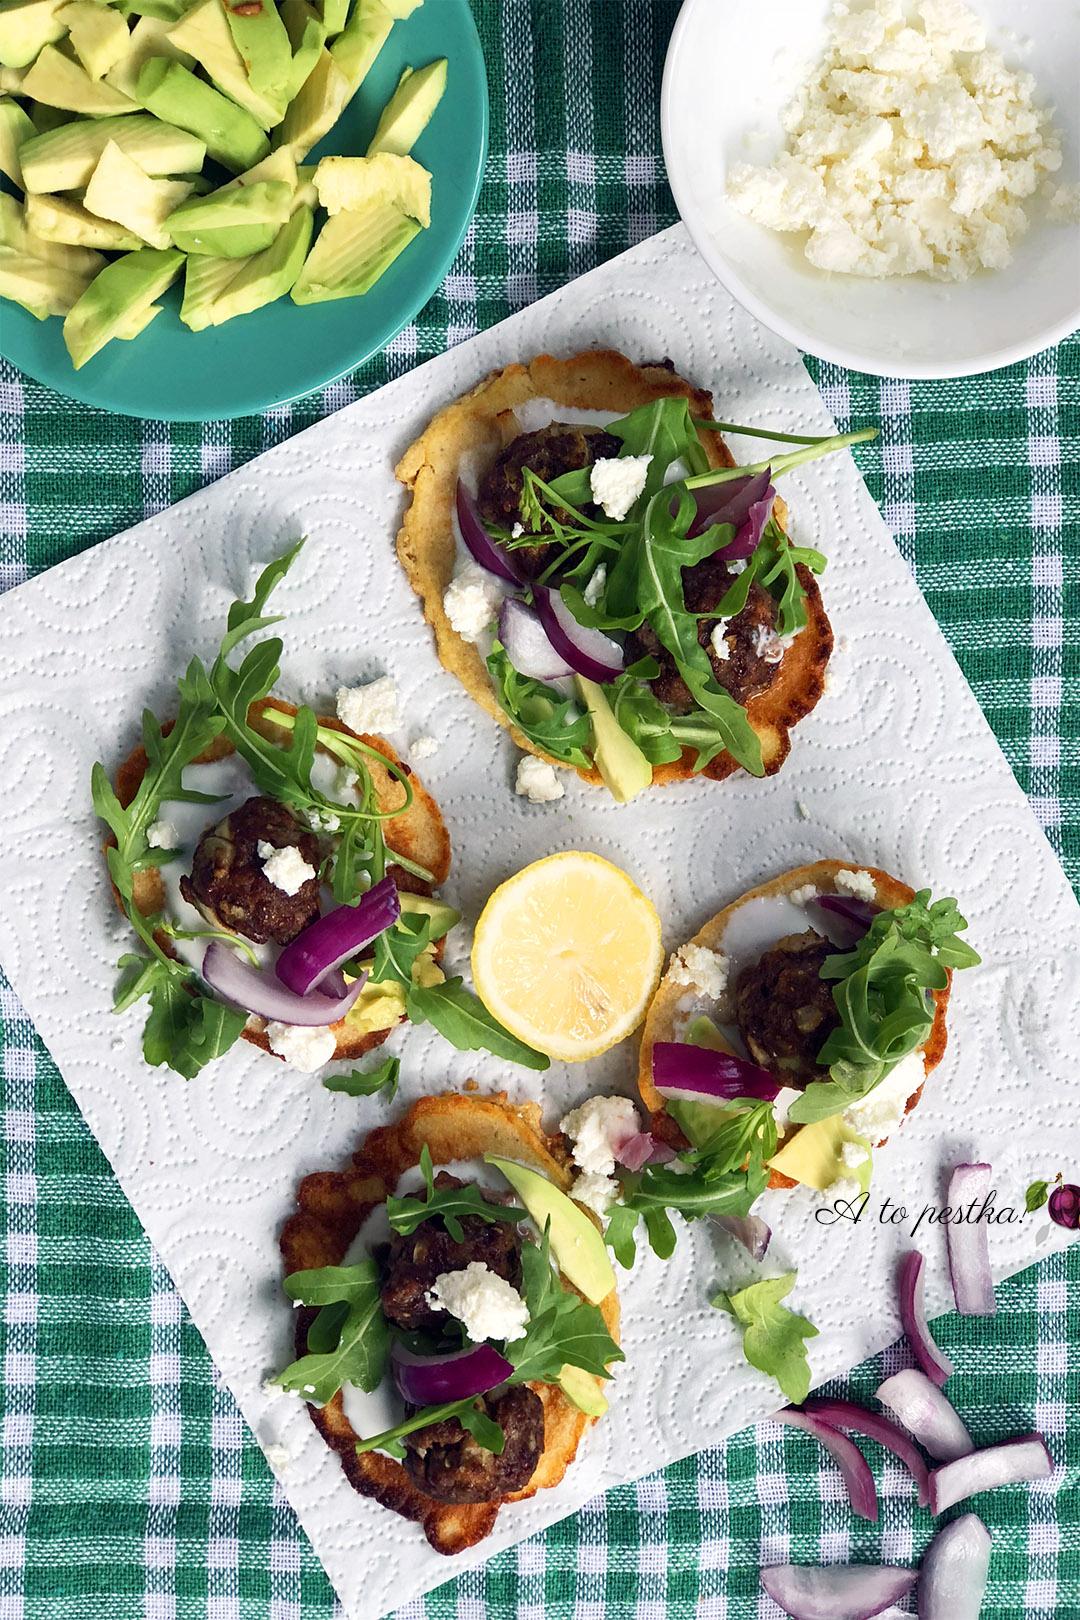 Zdrowy obiad - kotleciki mięsne z awokado i serem feta